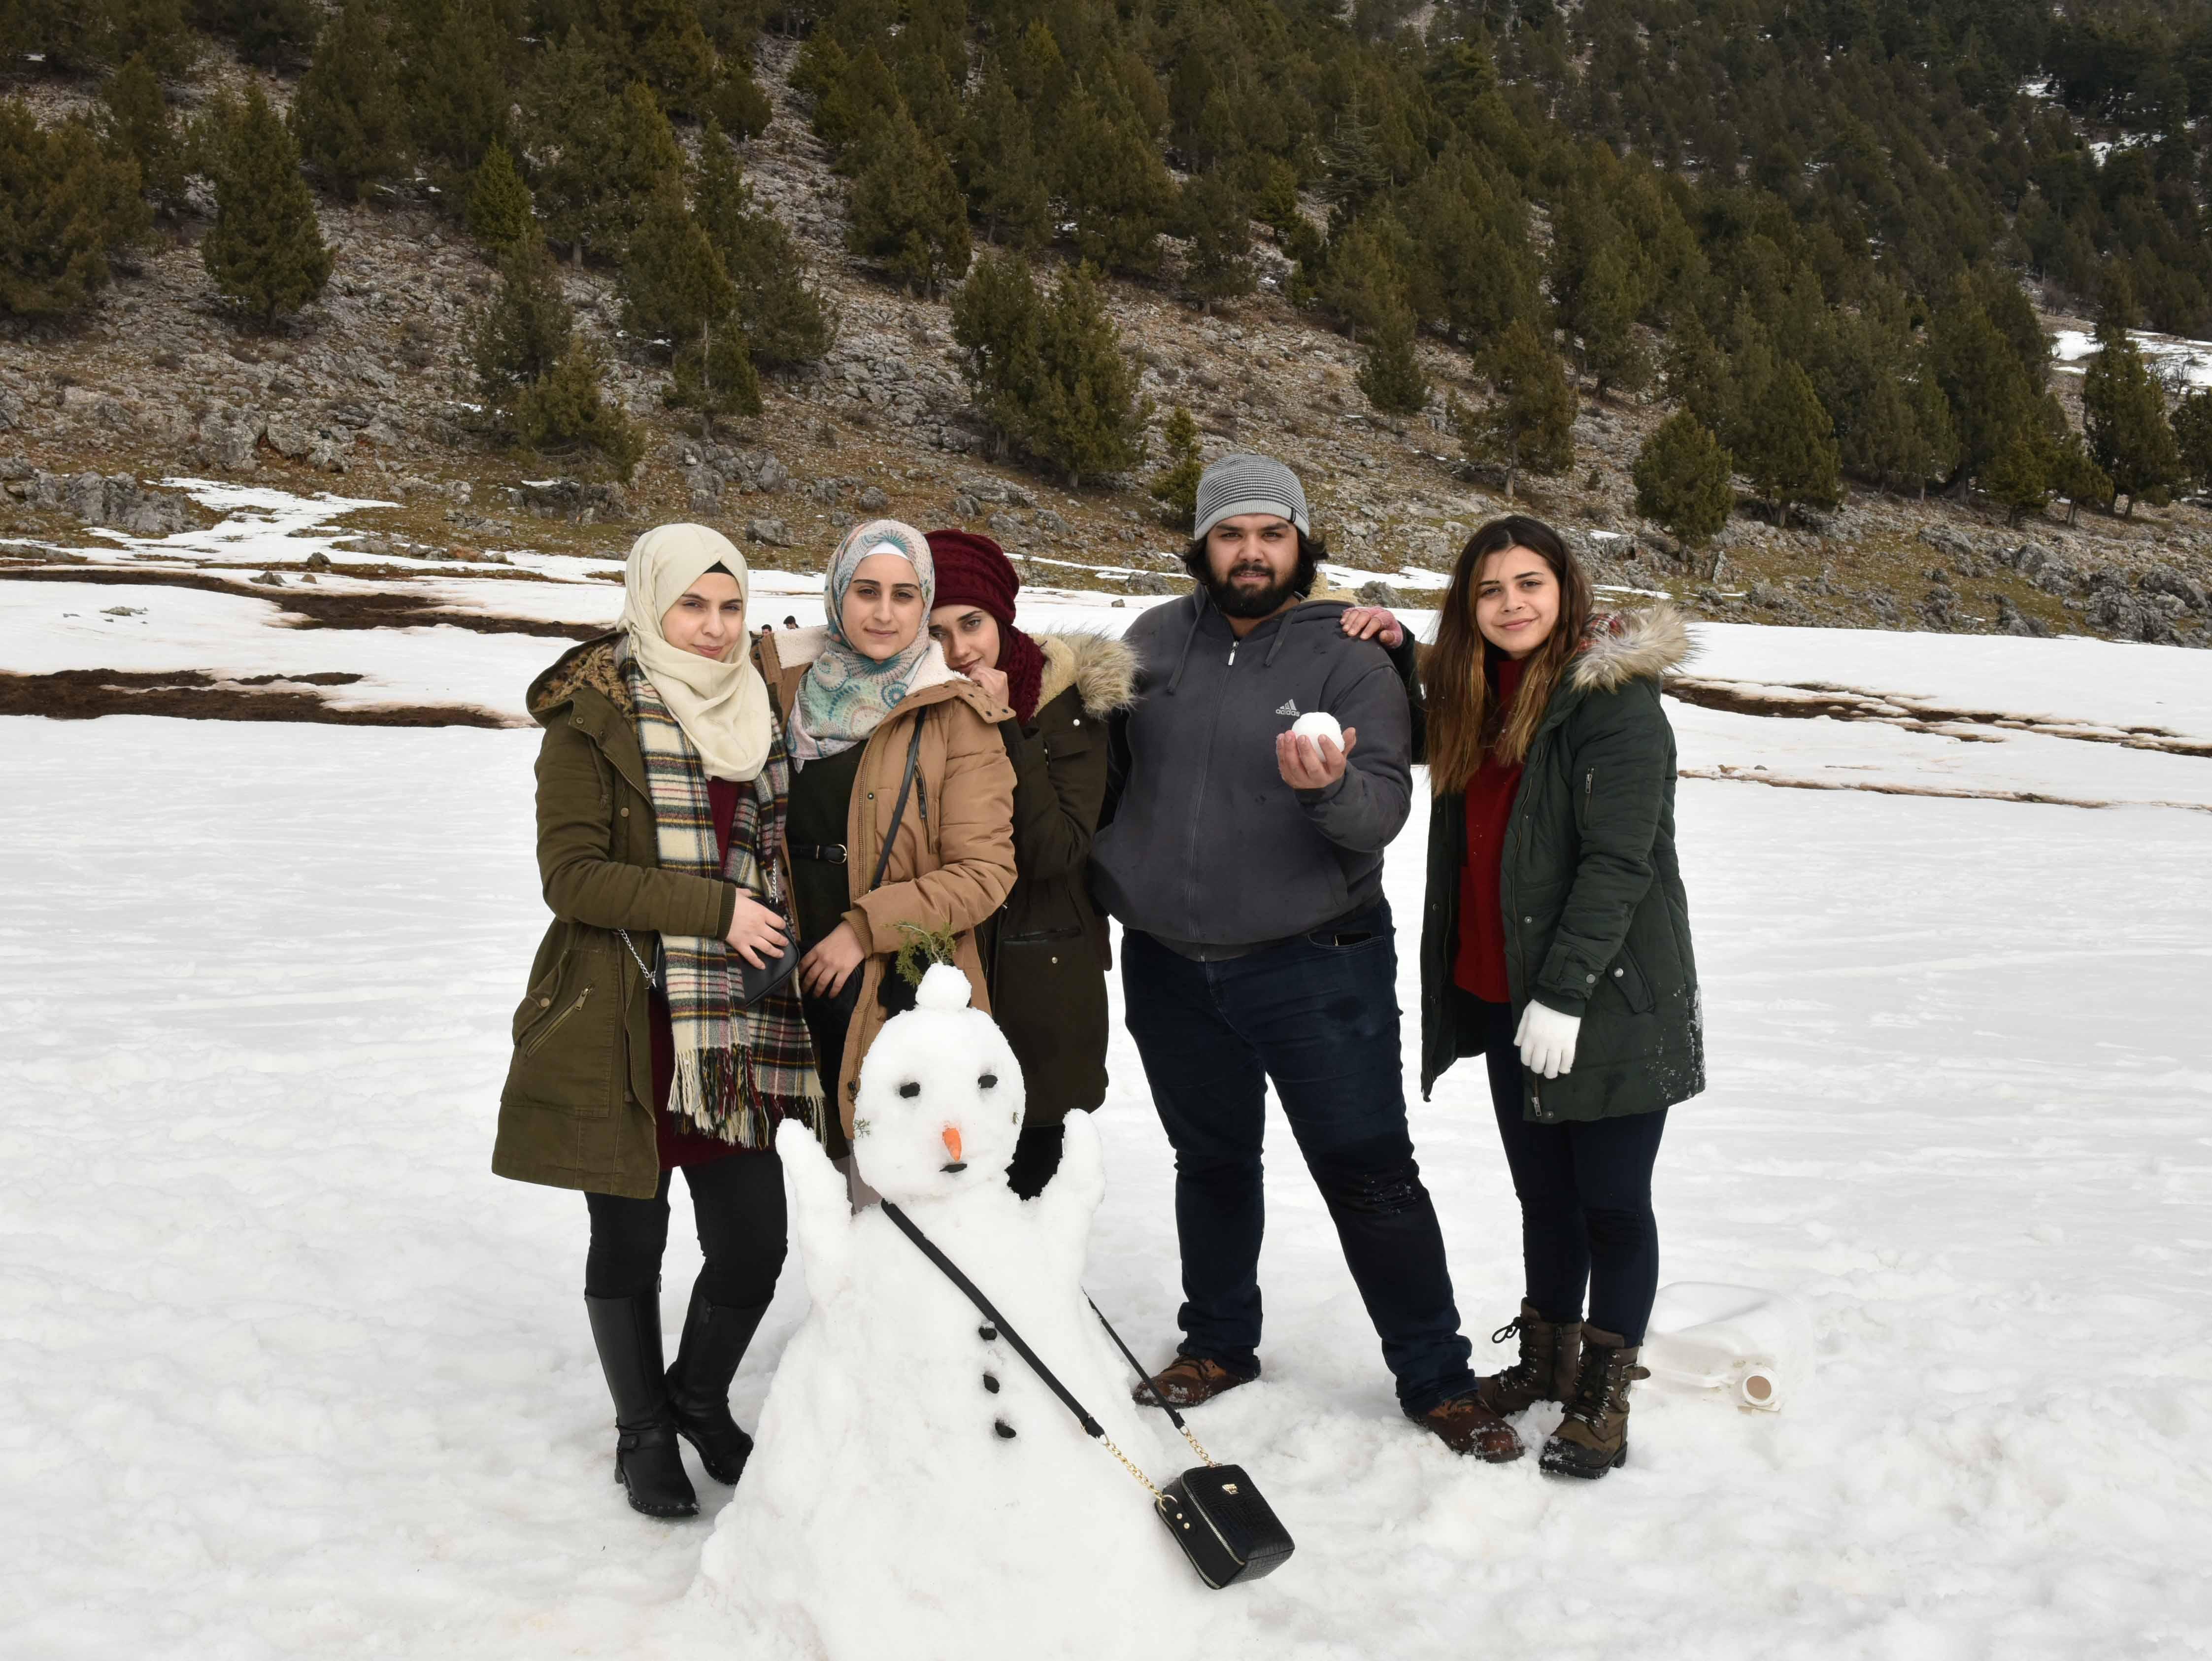 Adana'ya göçle gelenlere kar gezisi